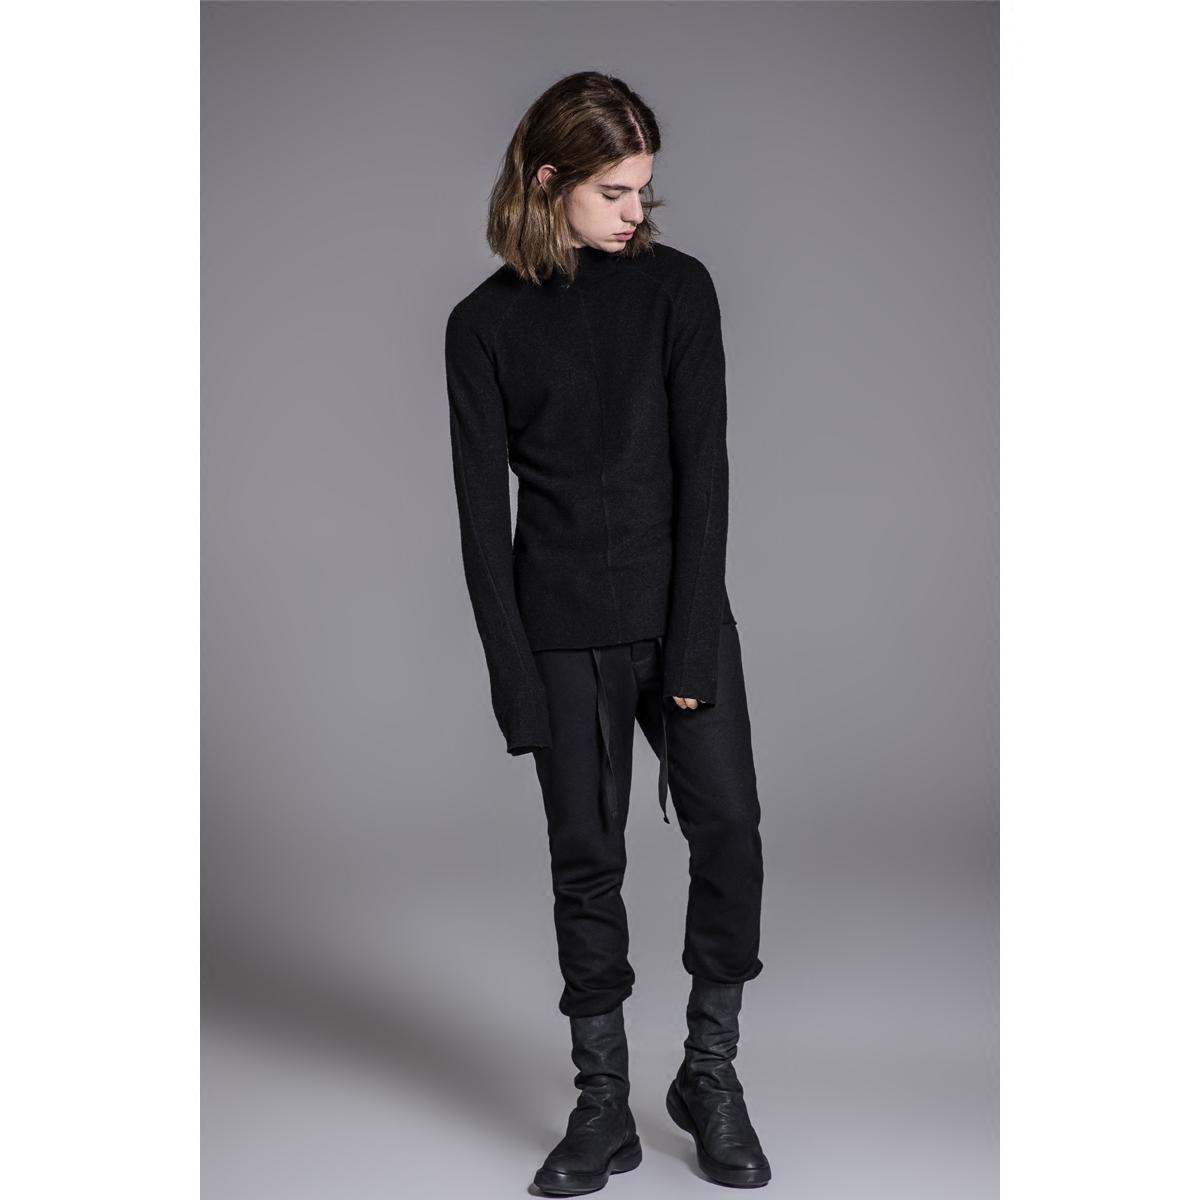 艺示单原创设计师品牌 立领T恤男长袖 修身 时尚羊毛插肩袖打底衫